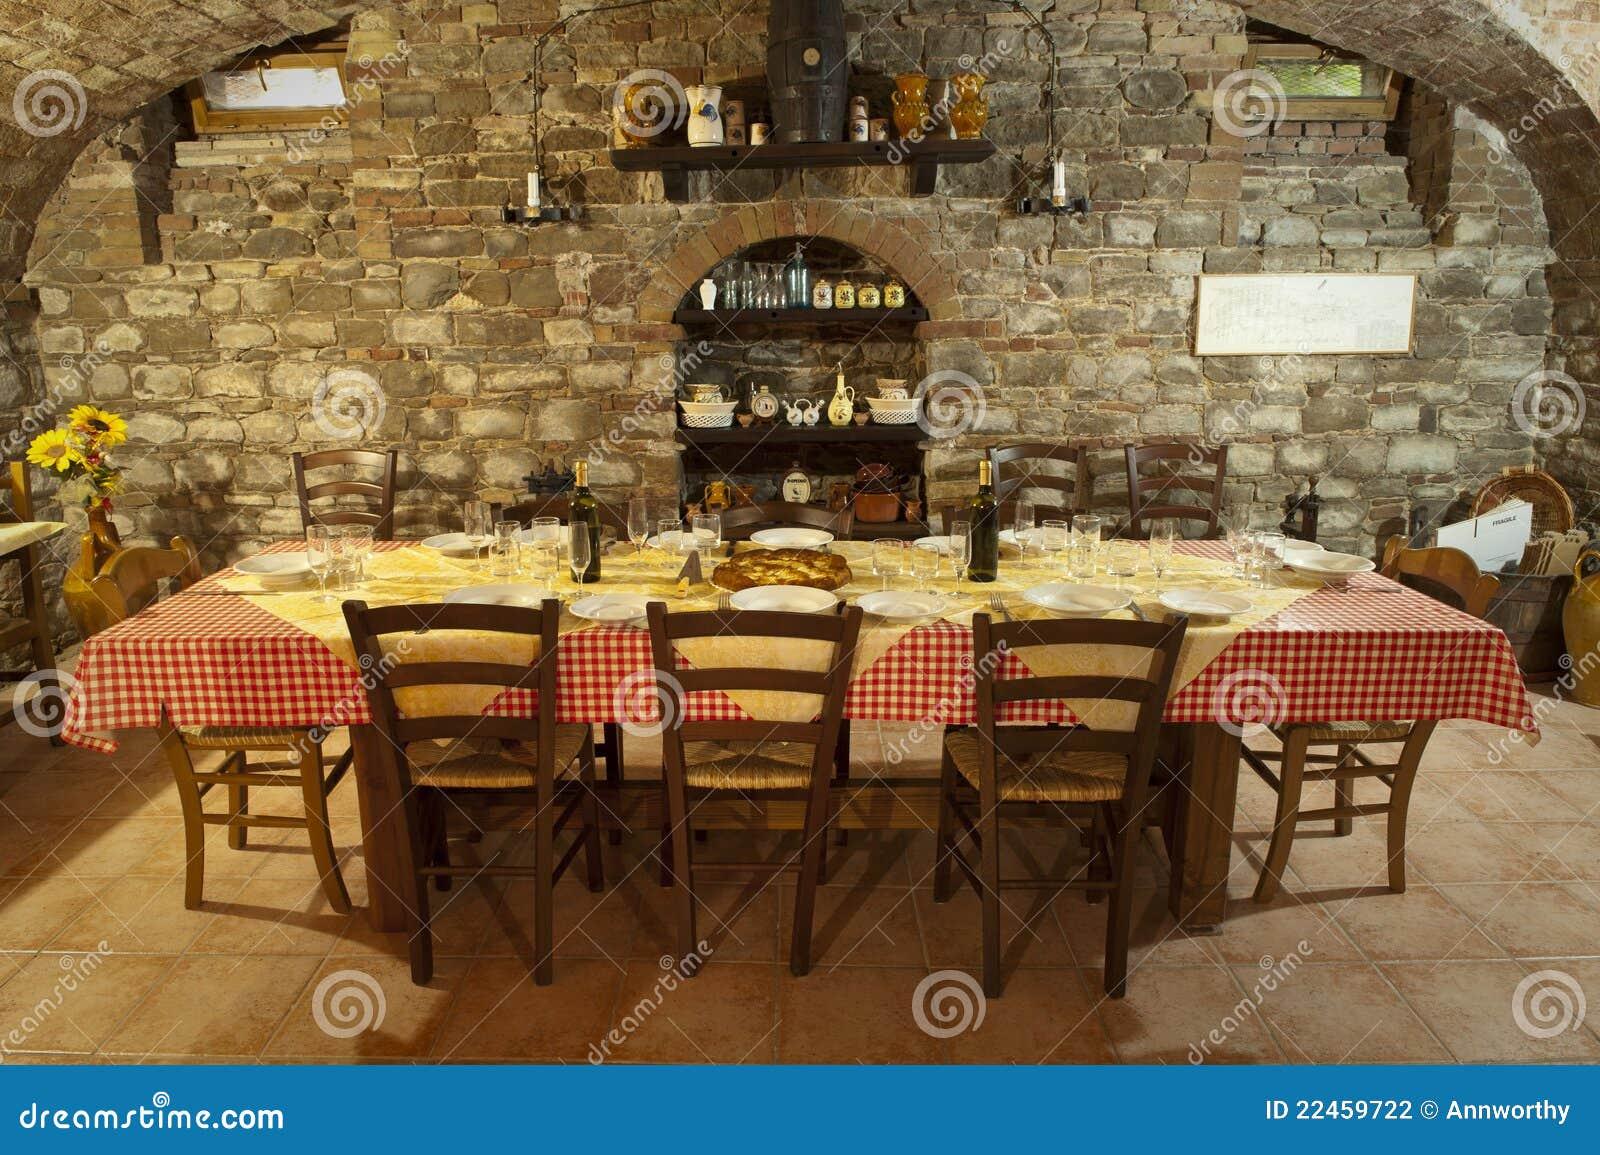 la table italienne a plac pour le repas photographie. Black Bedroom Furniture Sets. Home Design Ideas